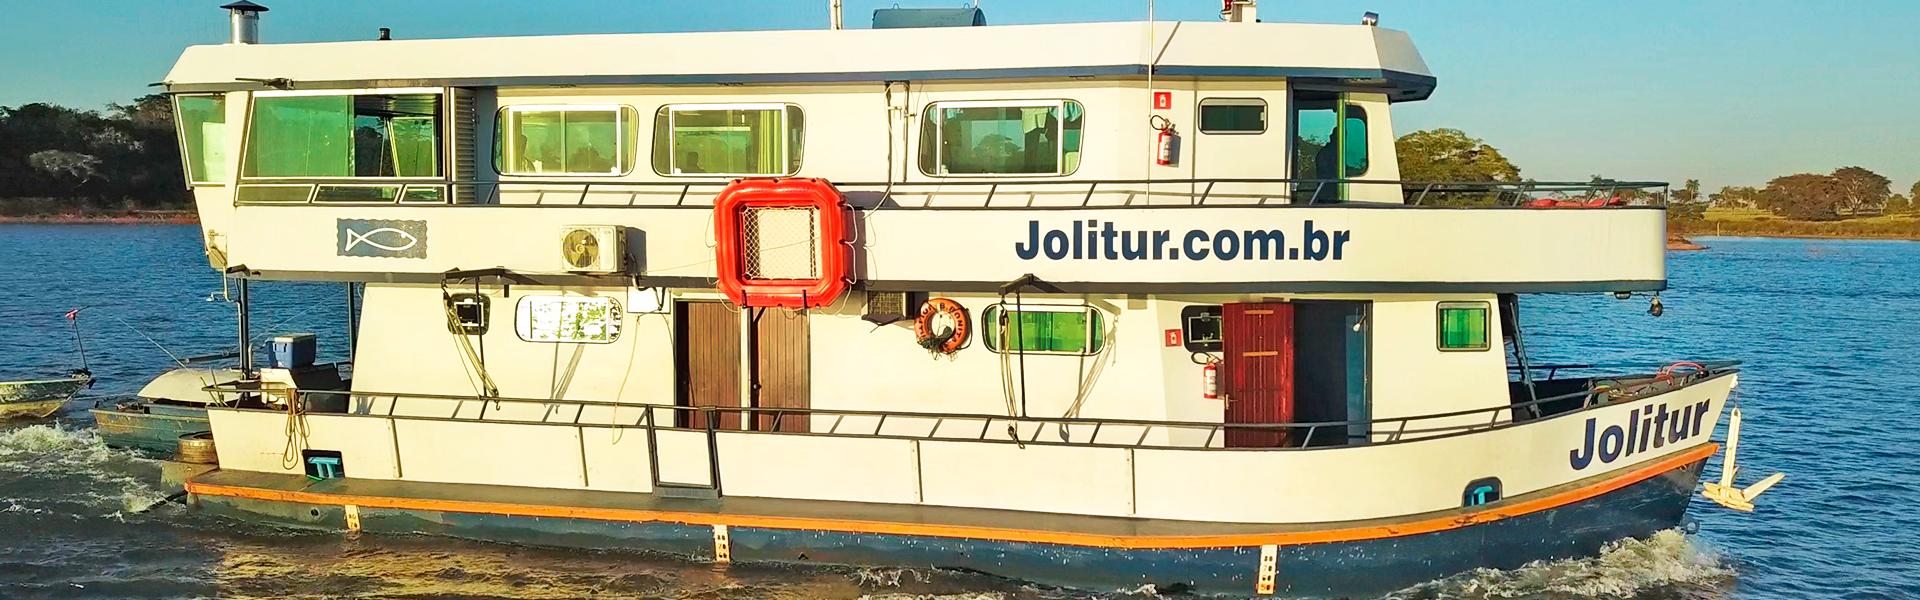 Novo destino chega à Fish TV: Jolitur Barco Hotel